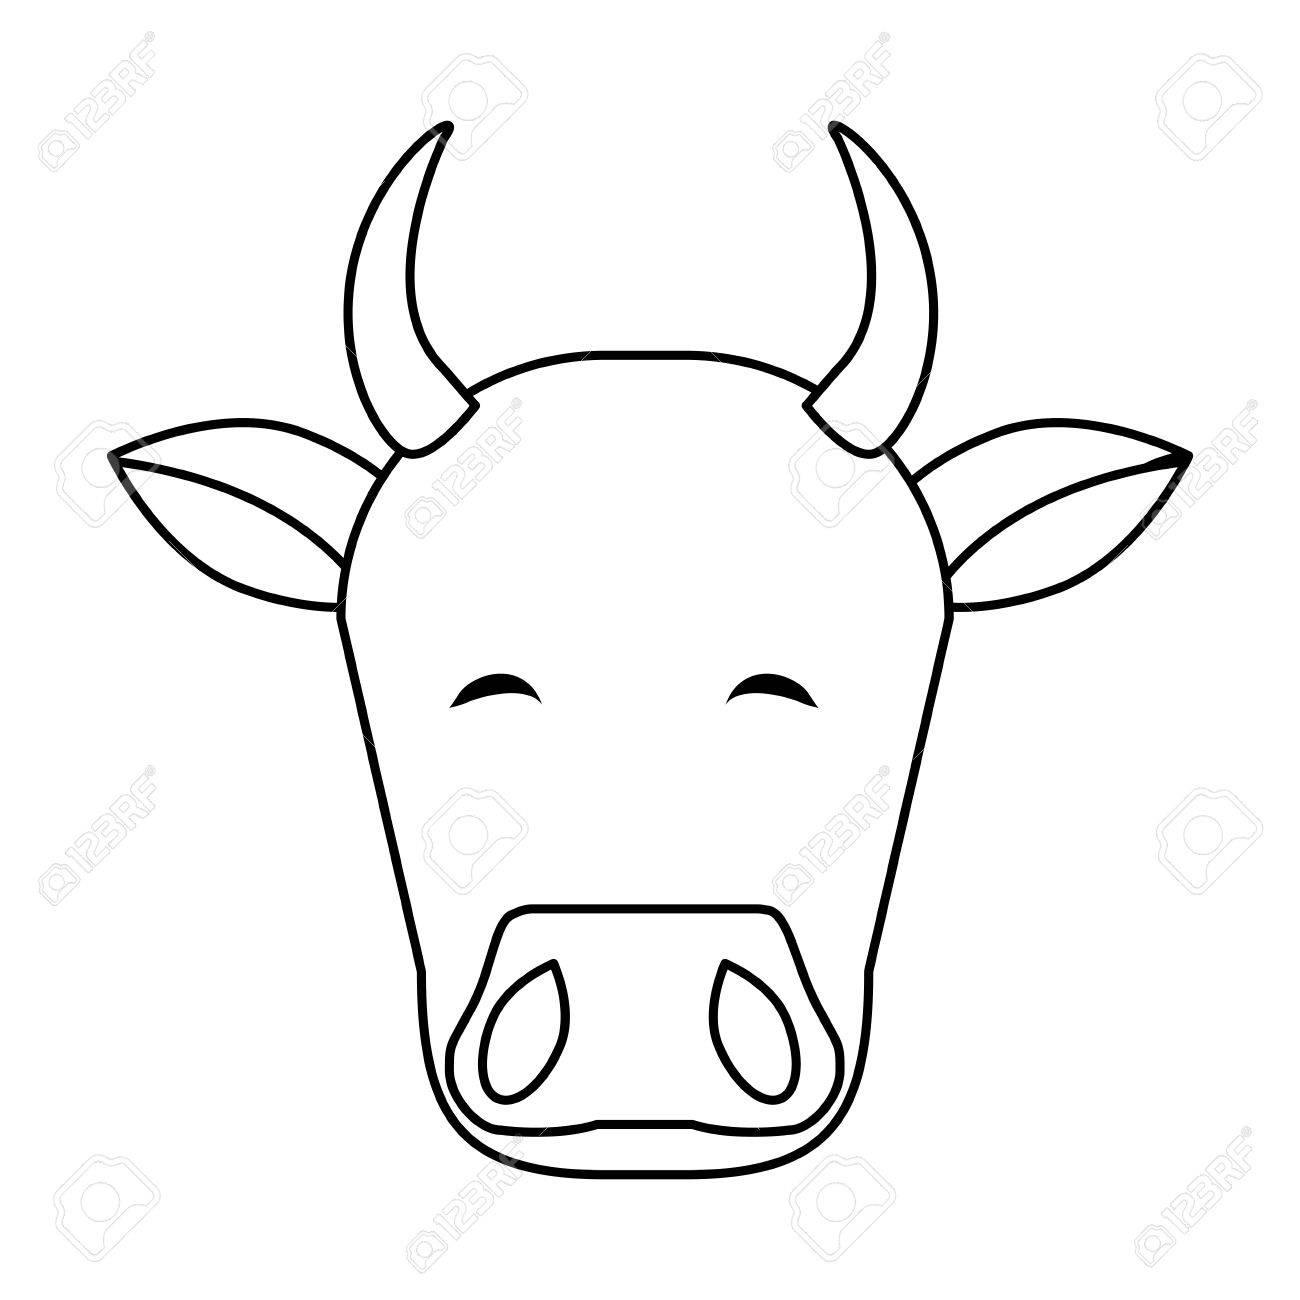 Icono De Cabeza De Vaca Ilustración Indio Vector De Diseño Gráfico